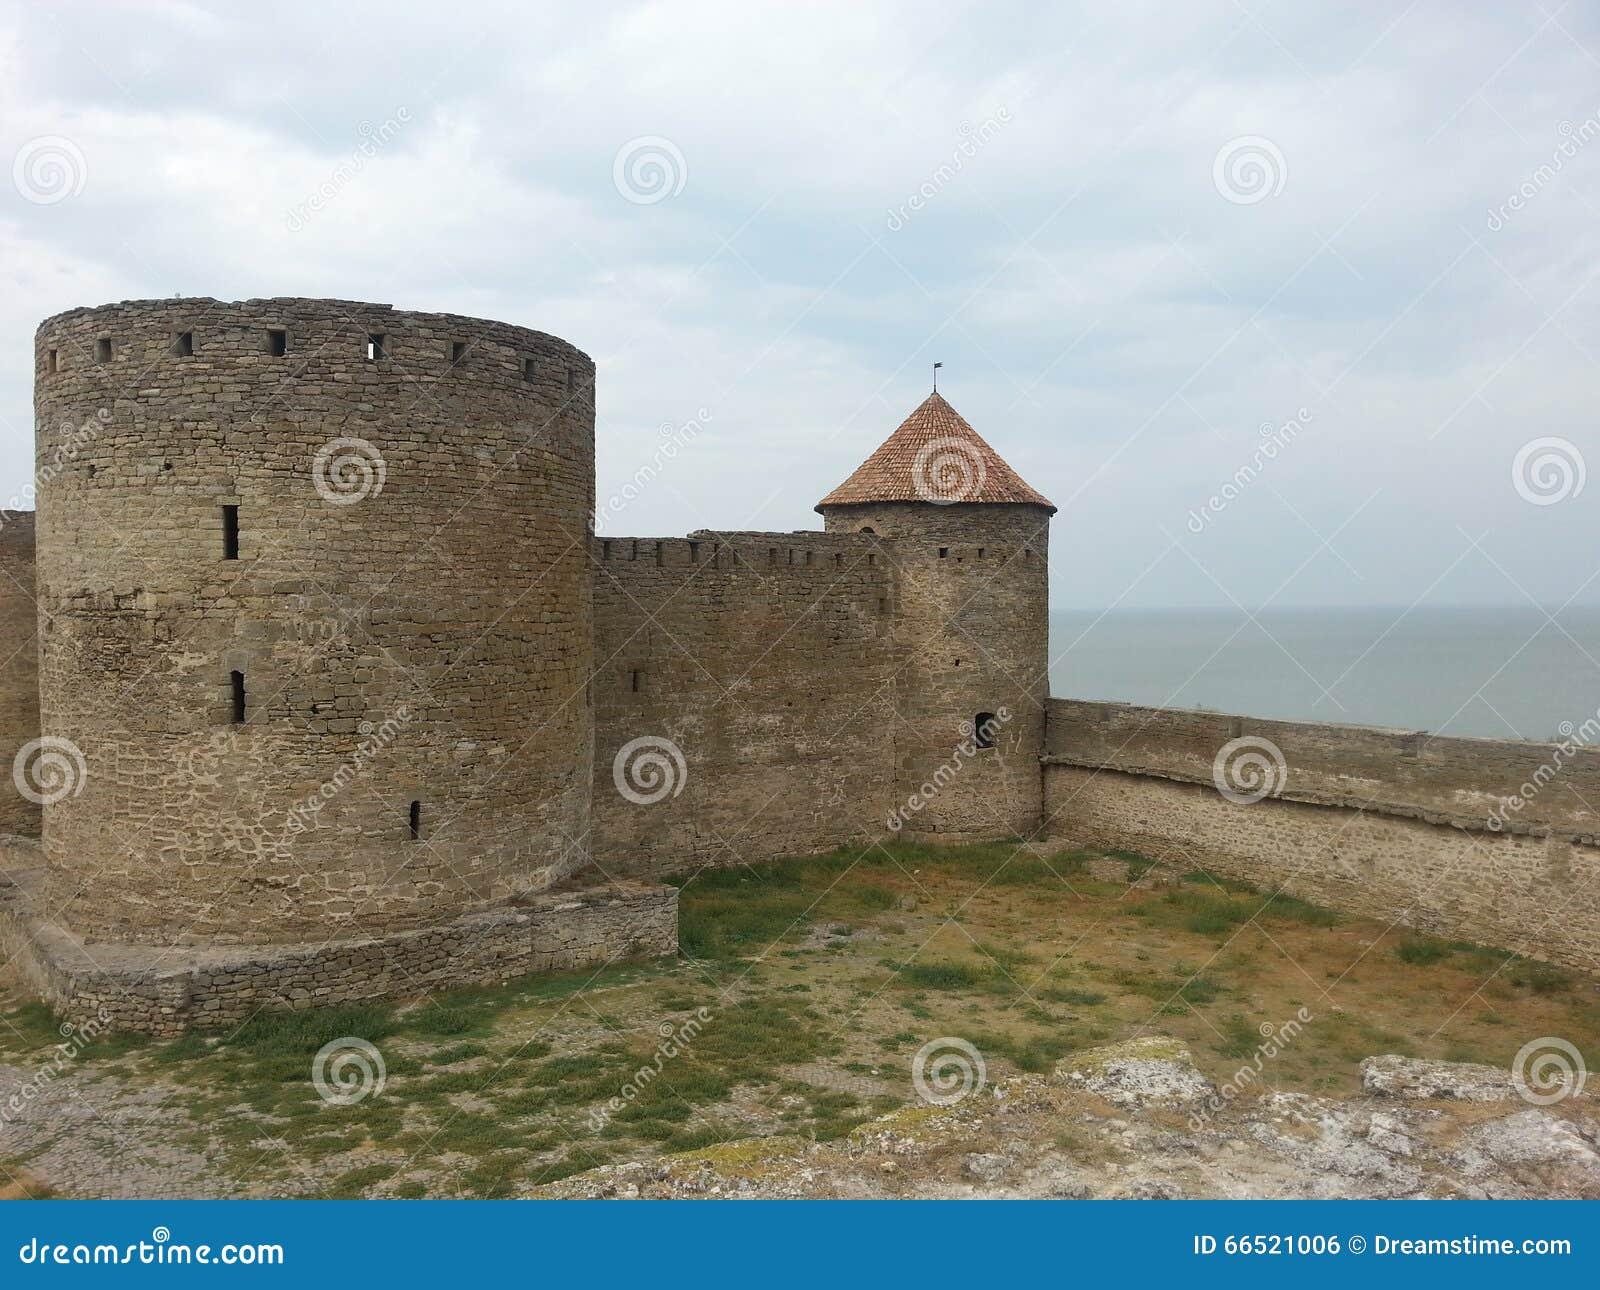 Akkerman Turm Und Ein Wall Stockfoto Bild Von Gras Rampart 66521006